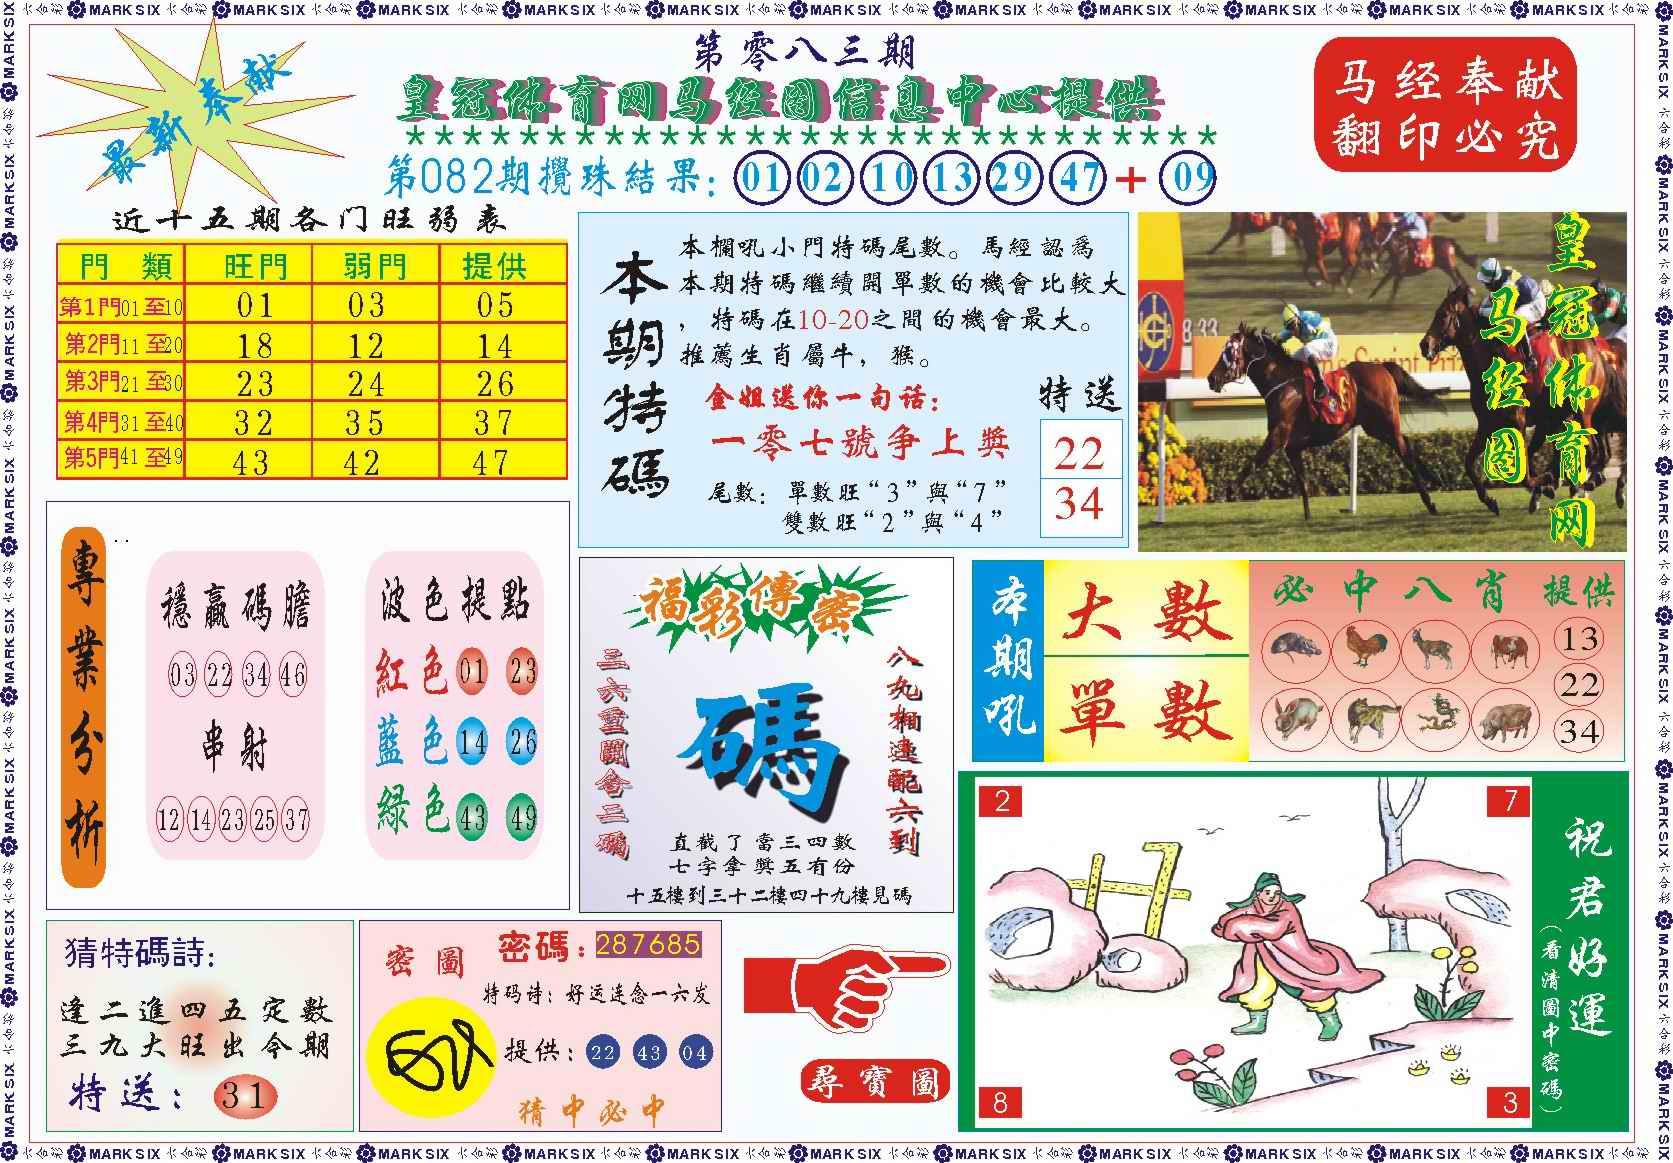 083期皇冠体育网马经图记录